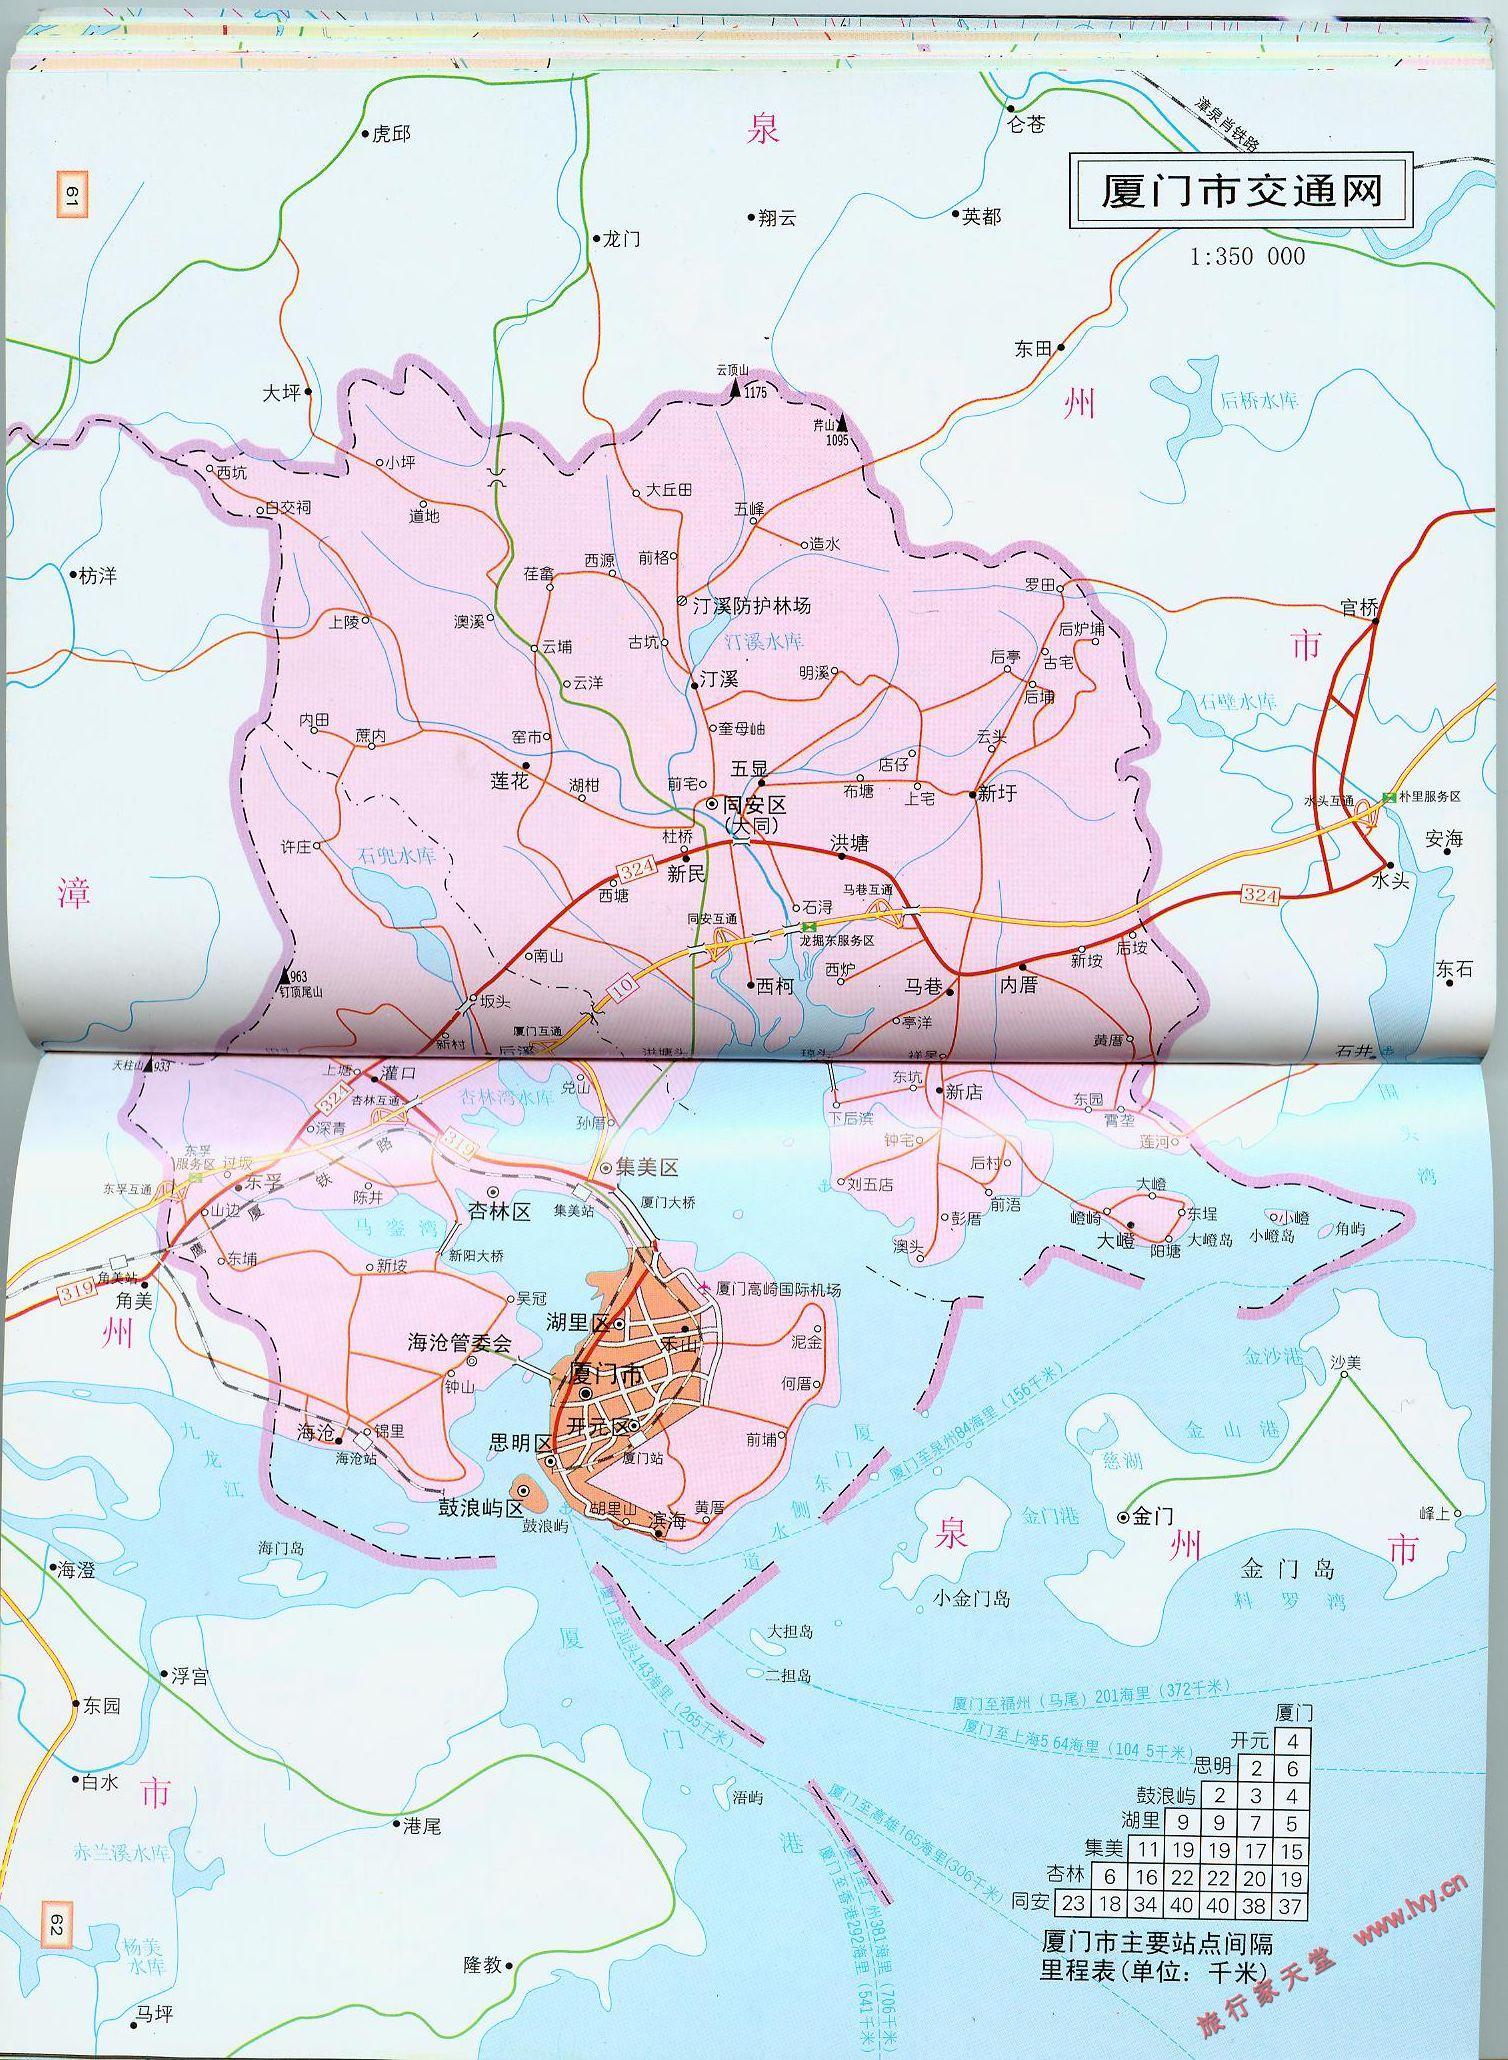 杭州市三维地图全图_杭州公交地图全图_杭州公交地图全图高清图片